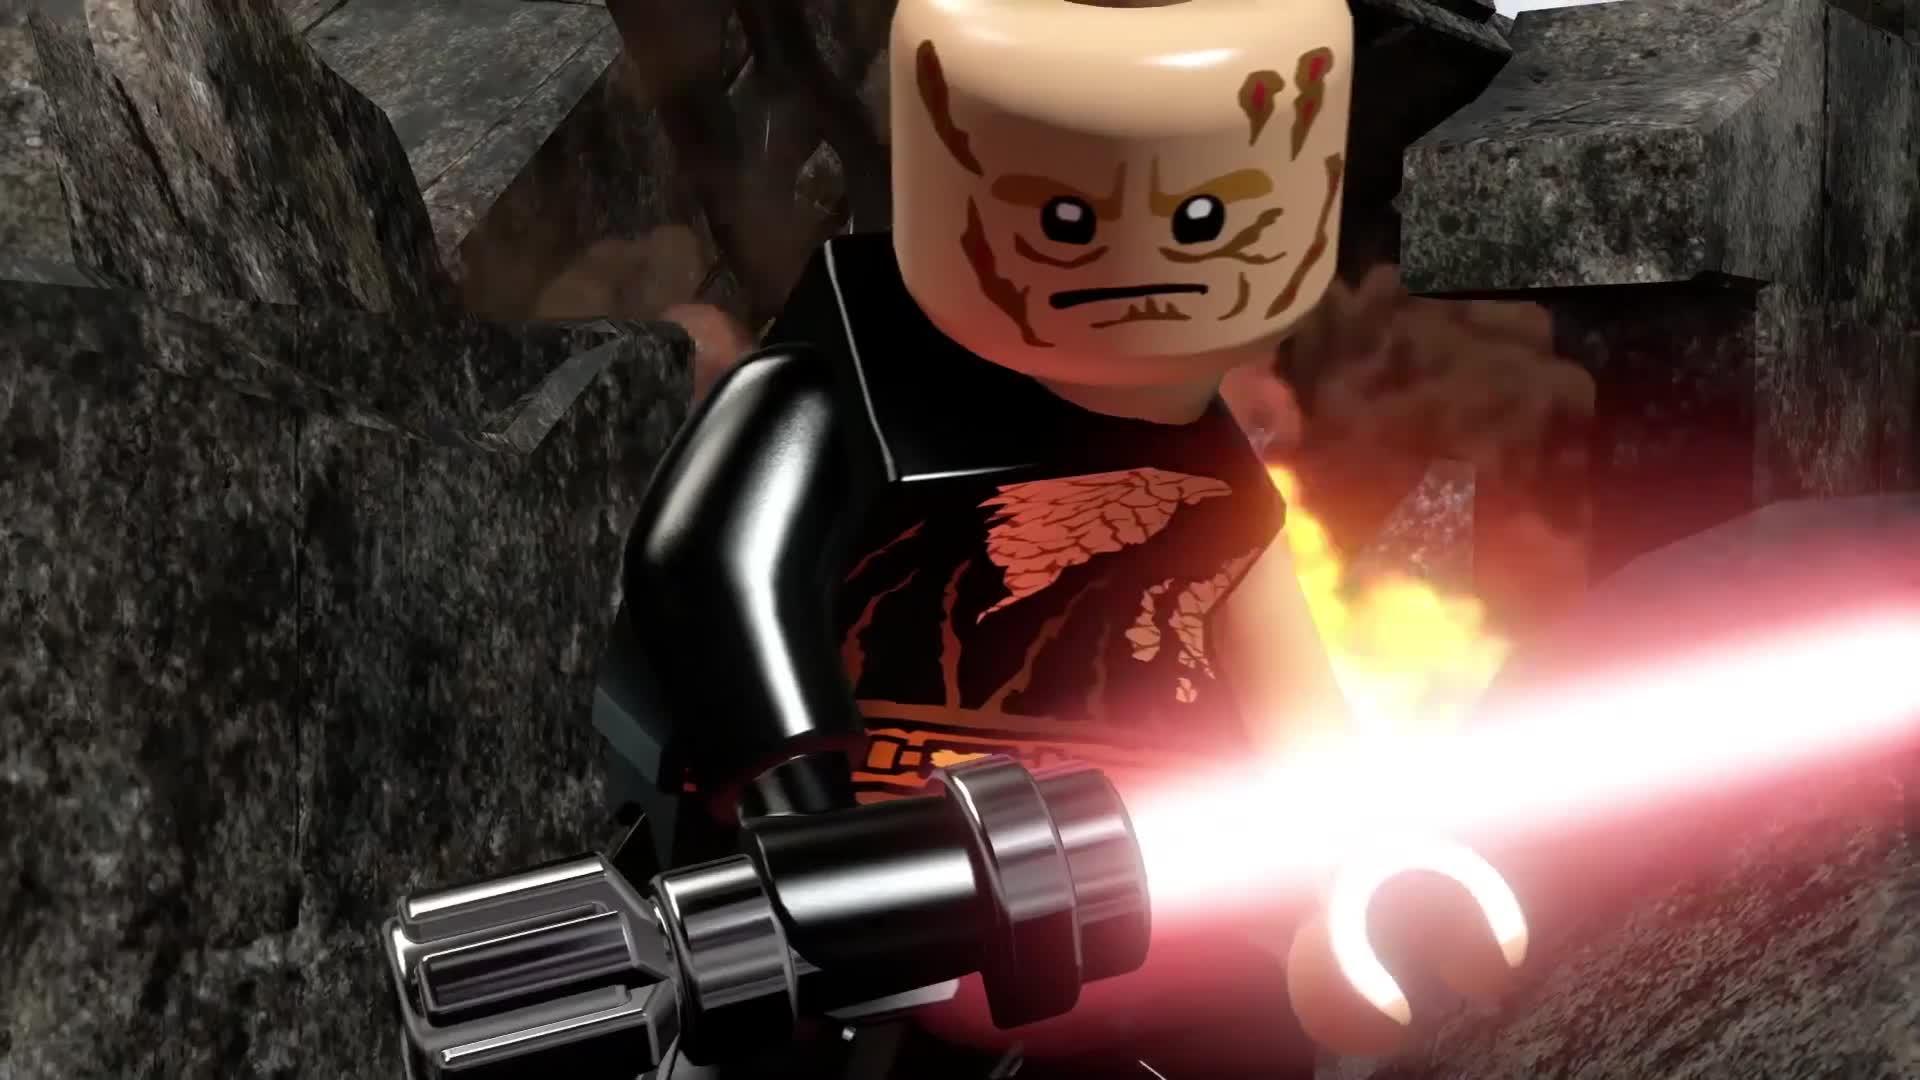 Лего звездные войны пробуждение силы игра 2016 посмотреть сериал школа